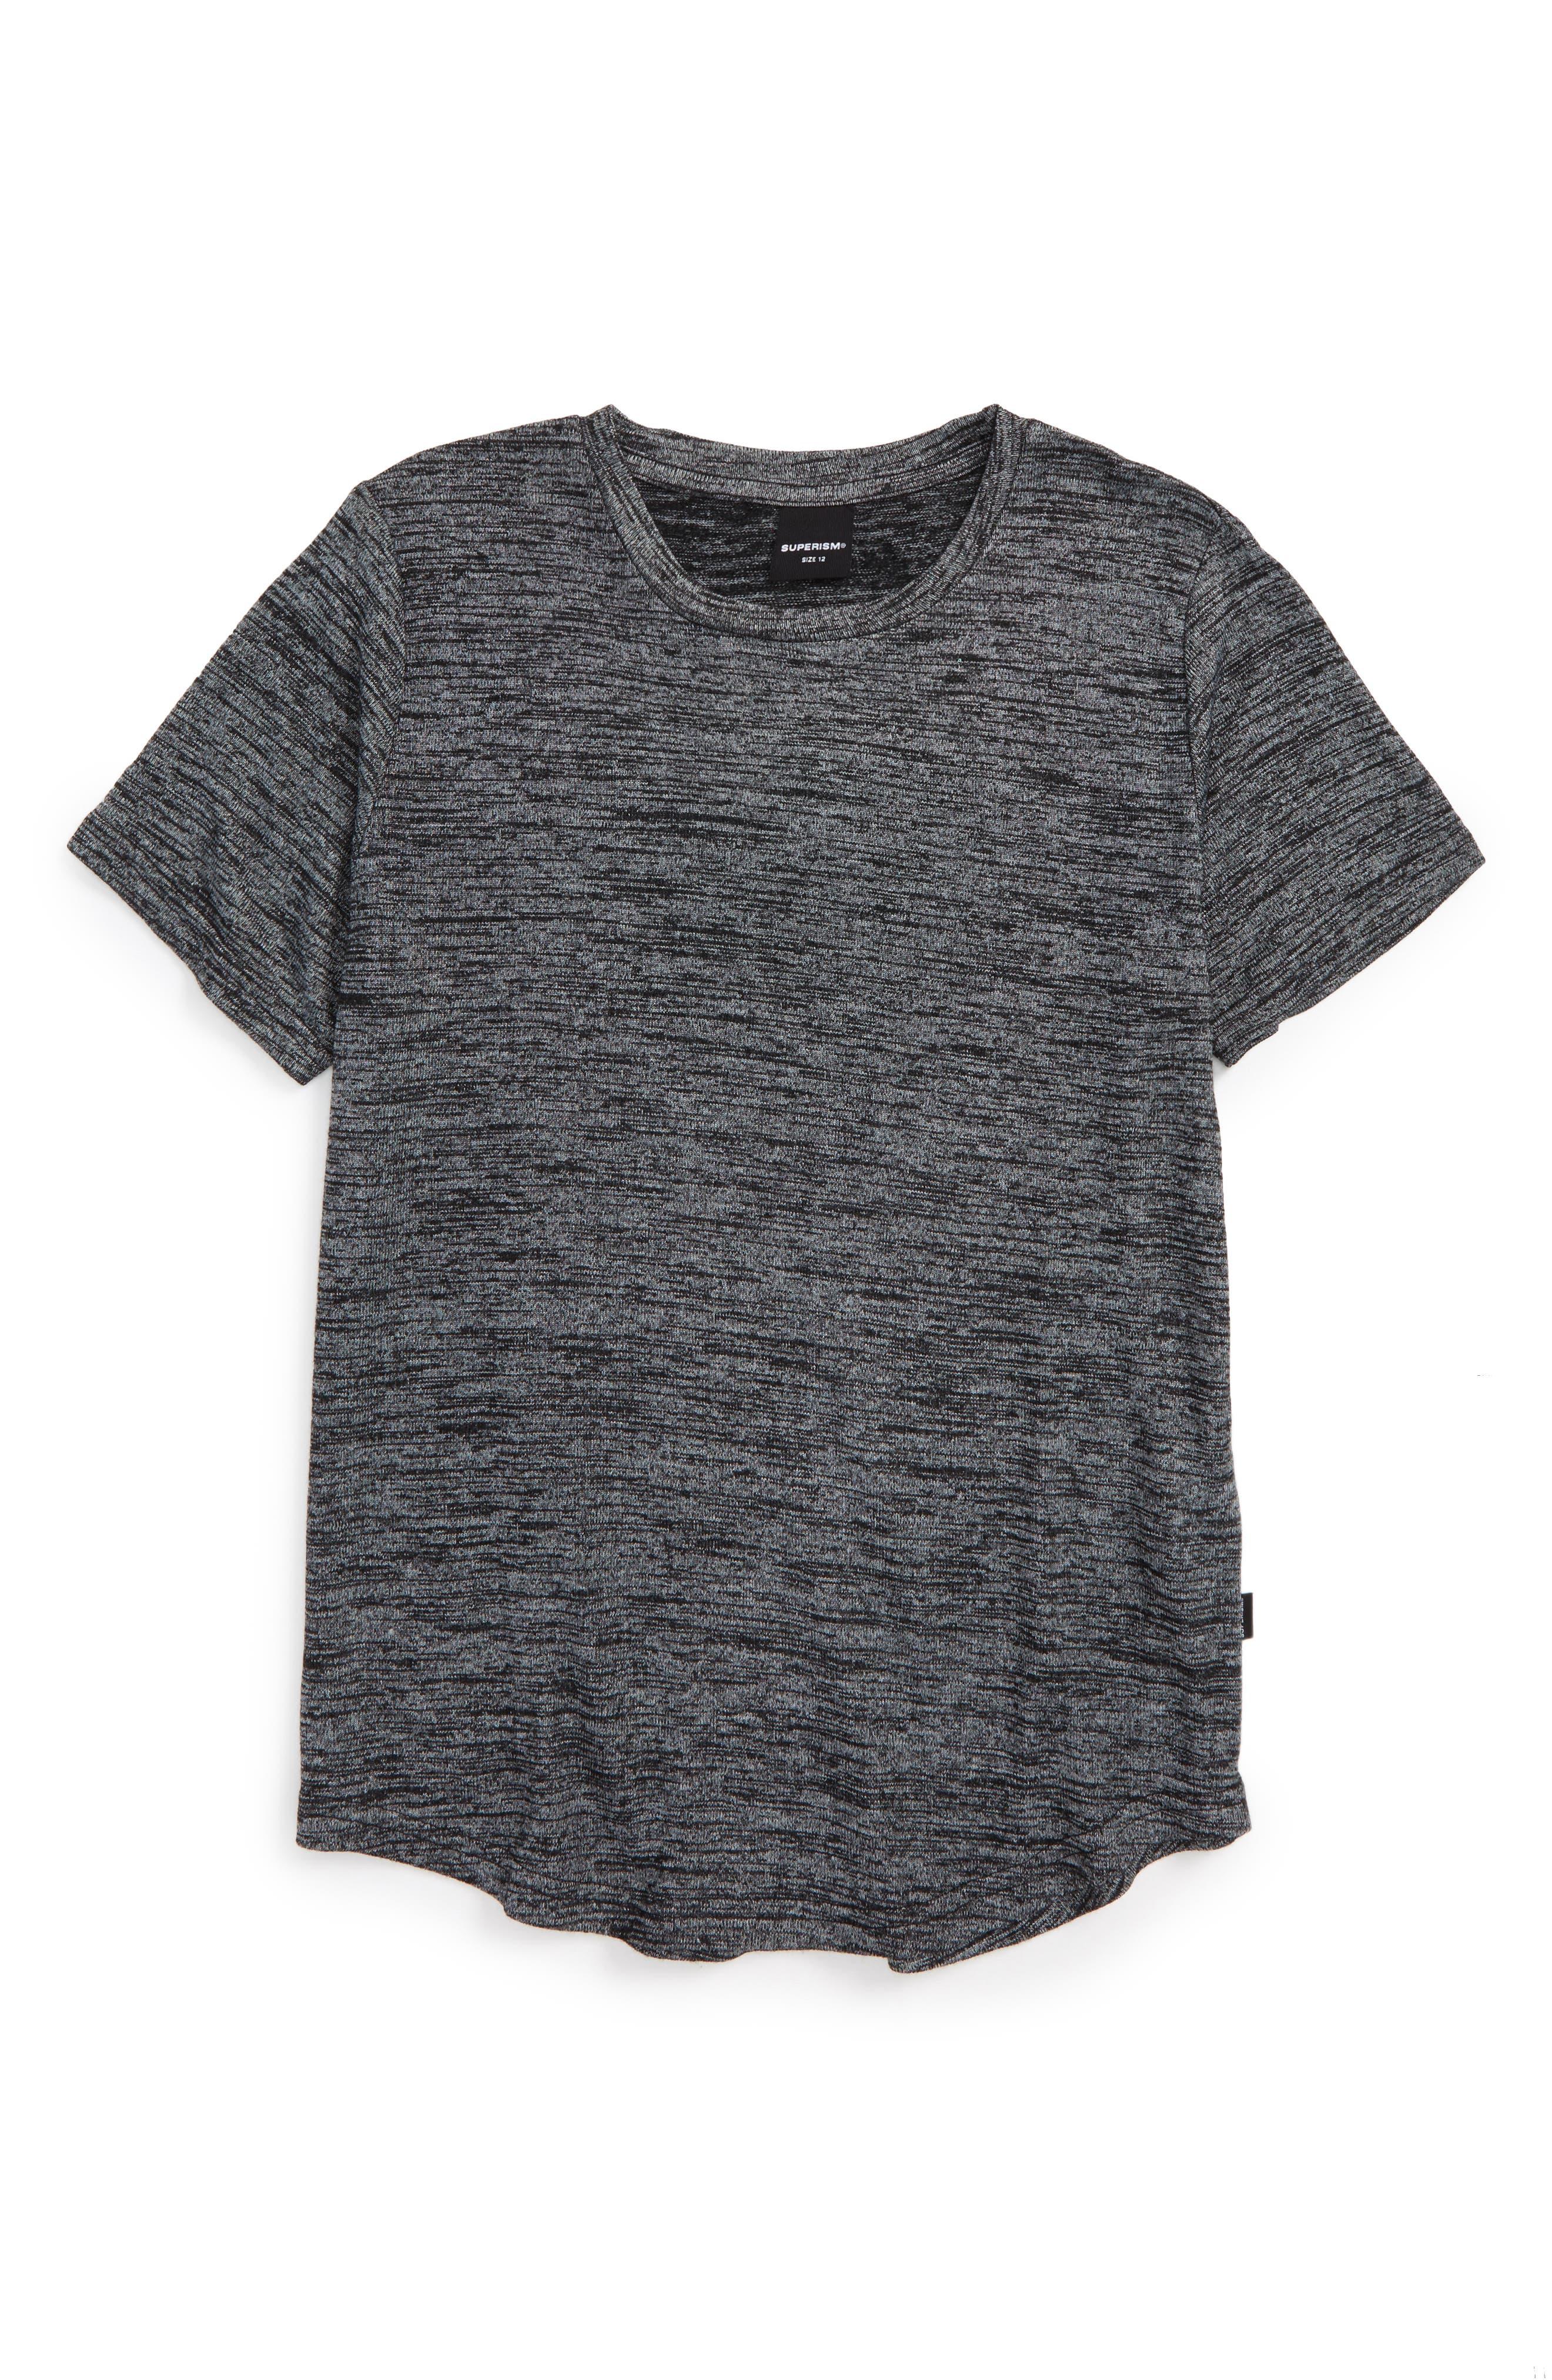 Alternate Image 1 Selected - Superism Landon Heathered T-Shirt (Big Boys)